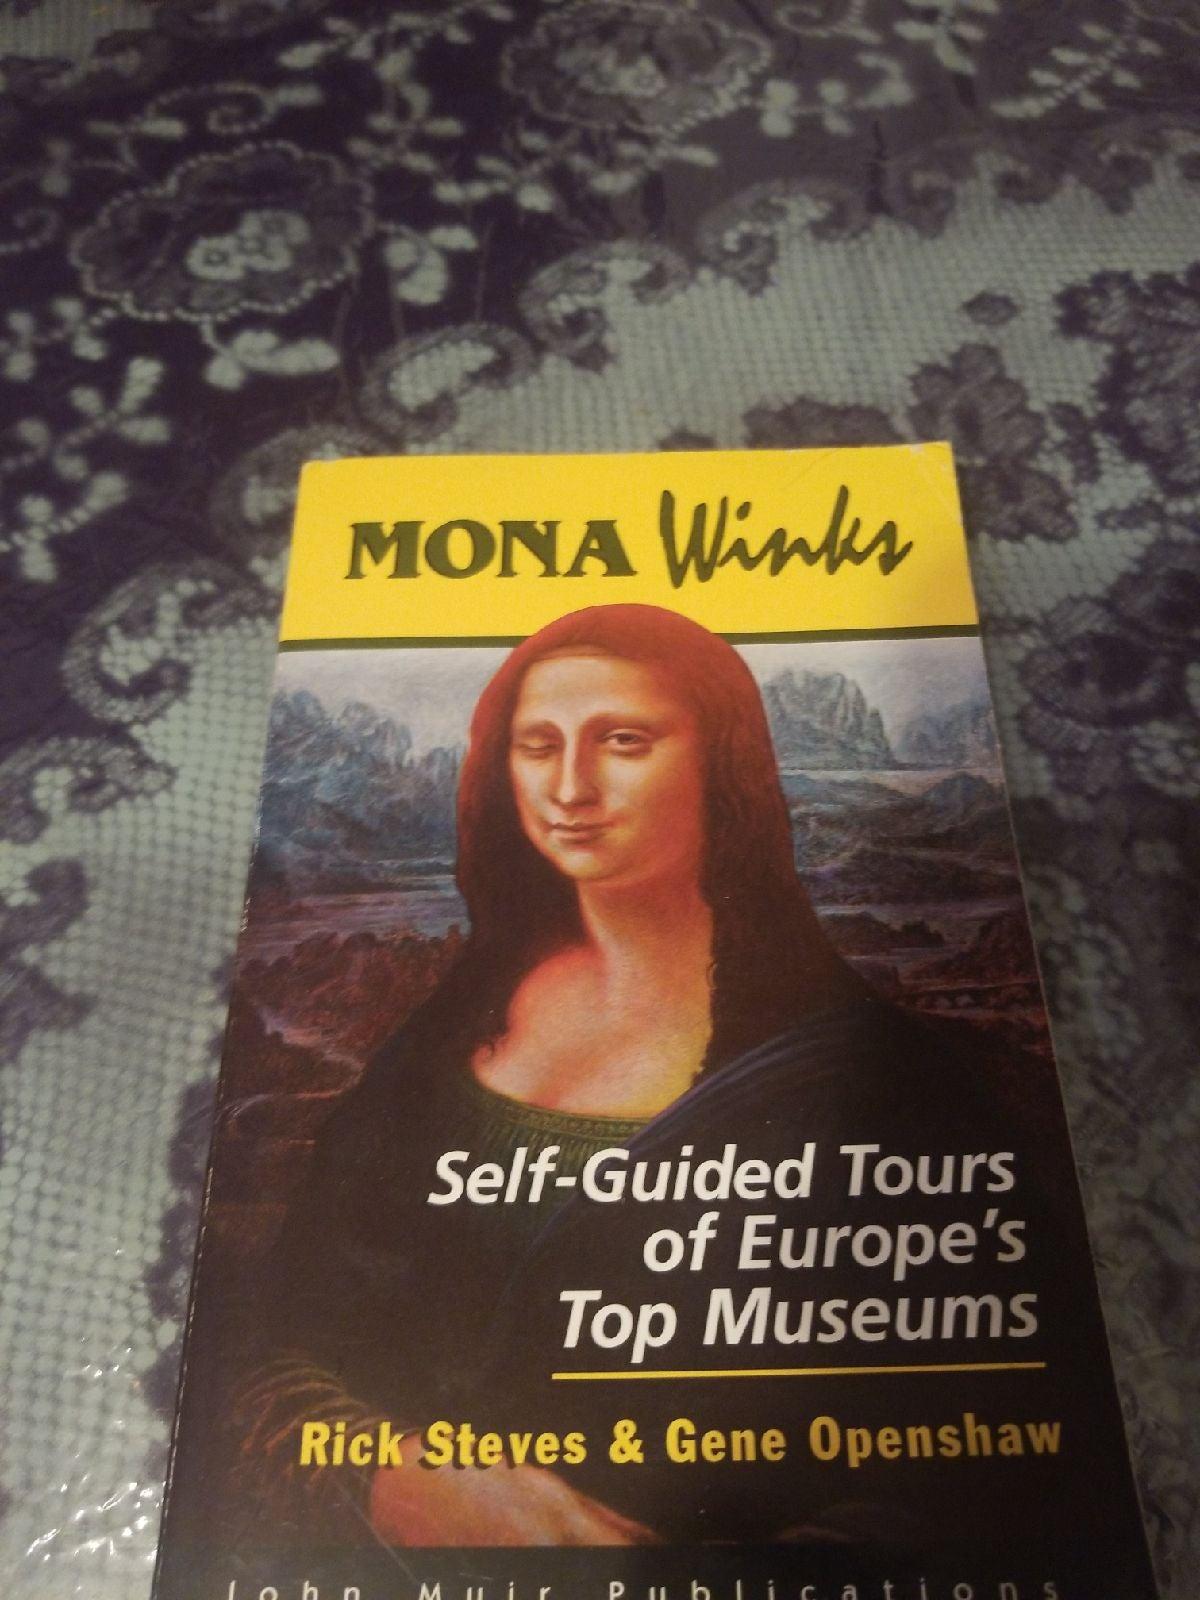 Mona Winks